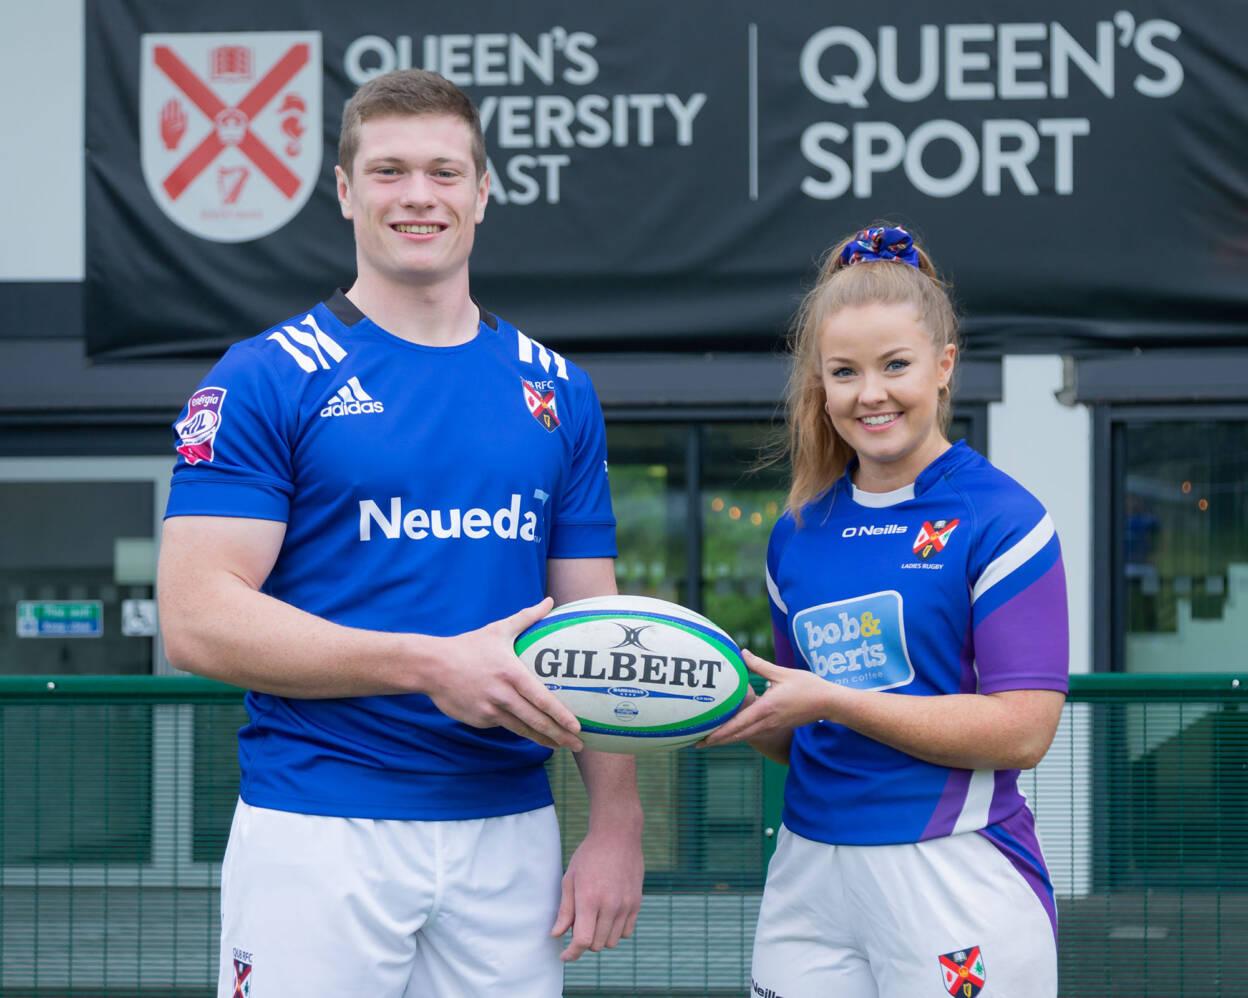 Queen's University Belfast Launch 2020/21 Season